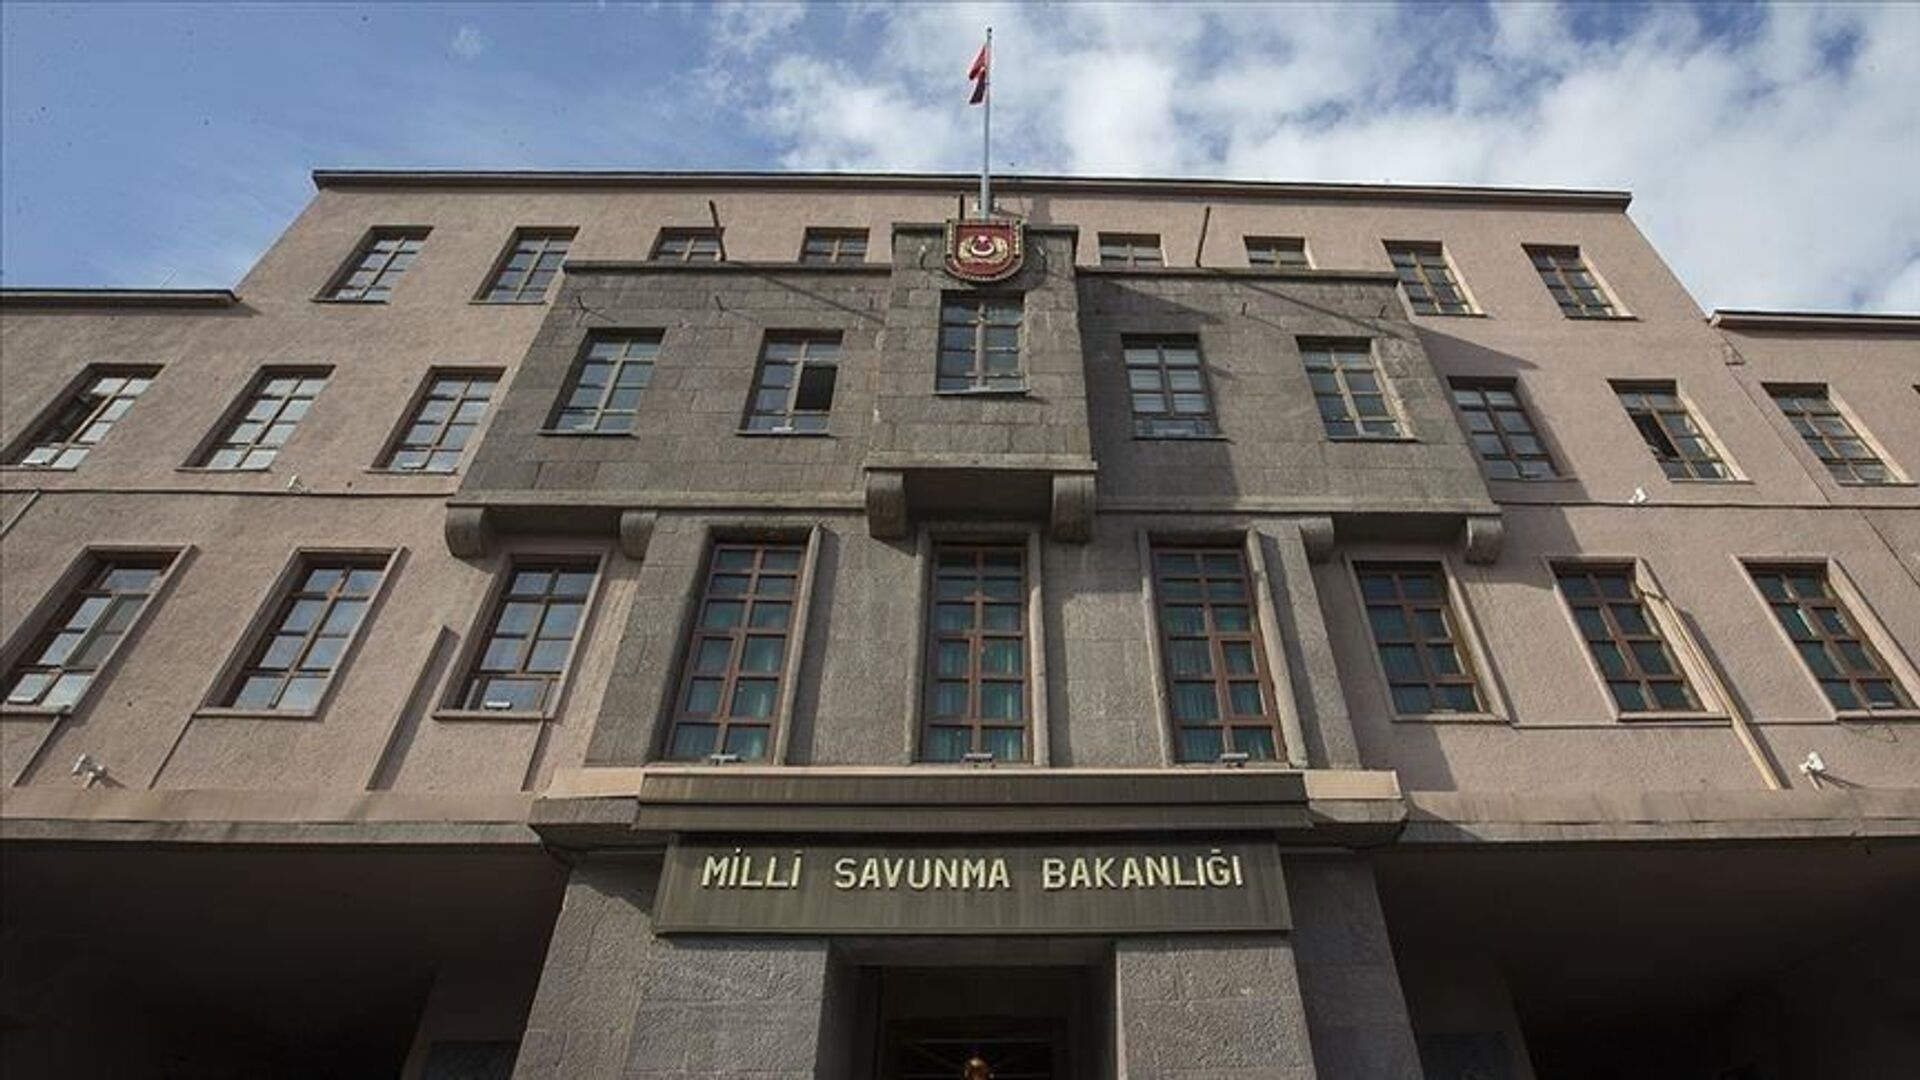 Milli Savunma Bakanlığı - Sputnik Türkiye, 1920, 29.07.2021